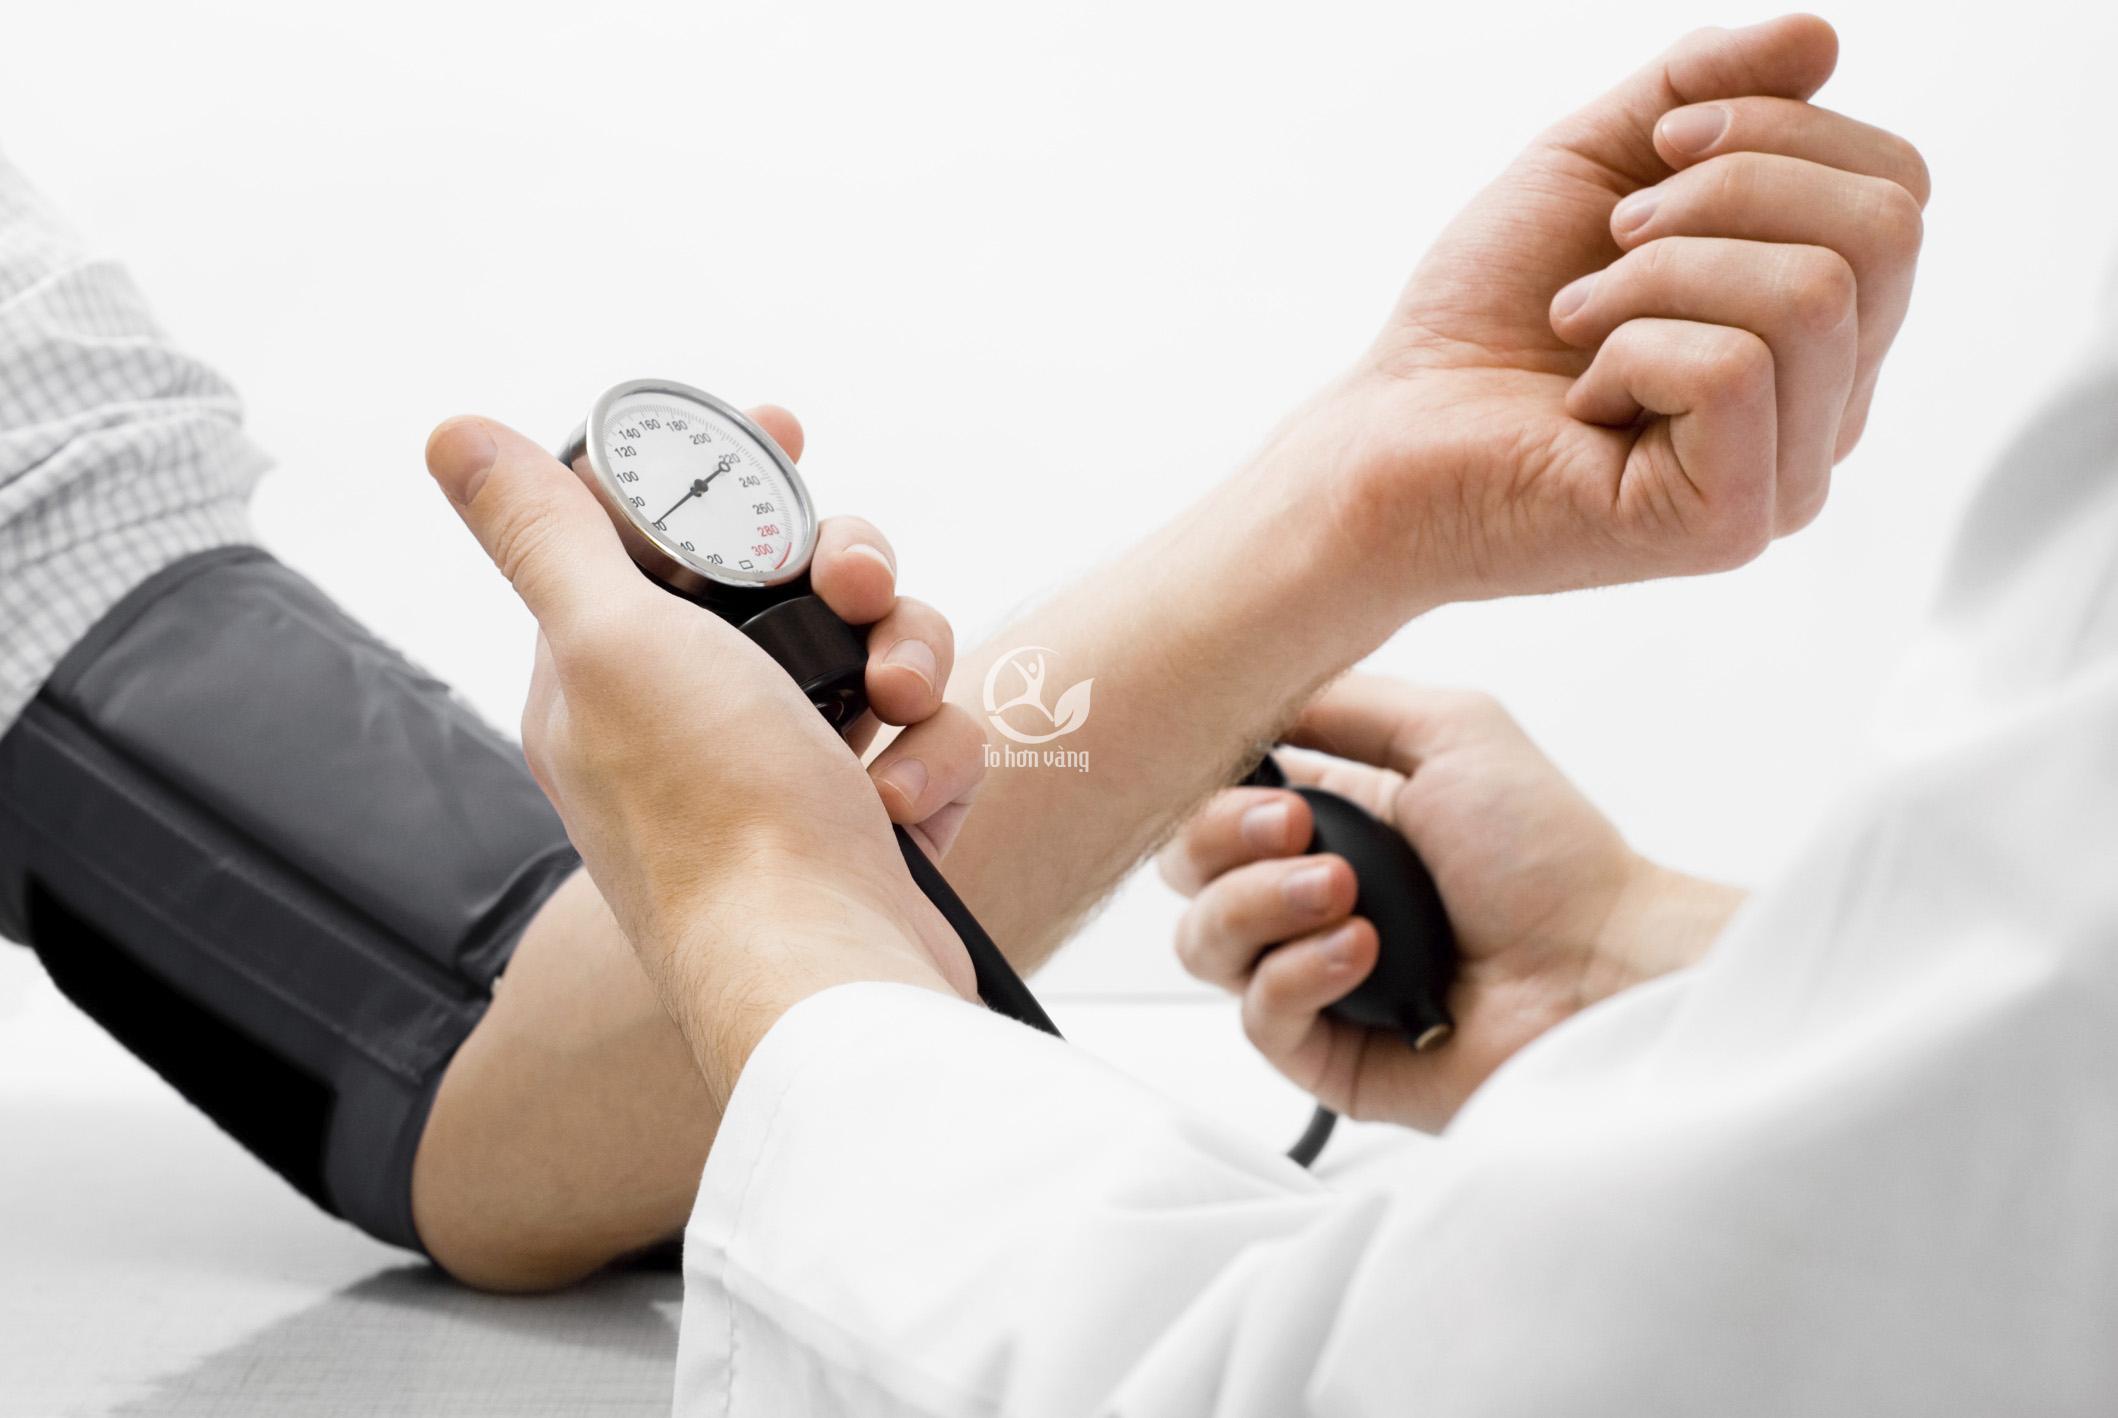 Khi sử dụng nhân sâm sẽ làm tăng huyết áp lên rất nhanh có thể gây ra những hậu quả nghiêm trọng.